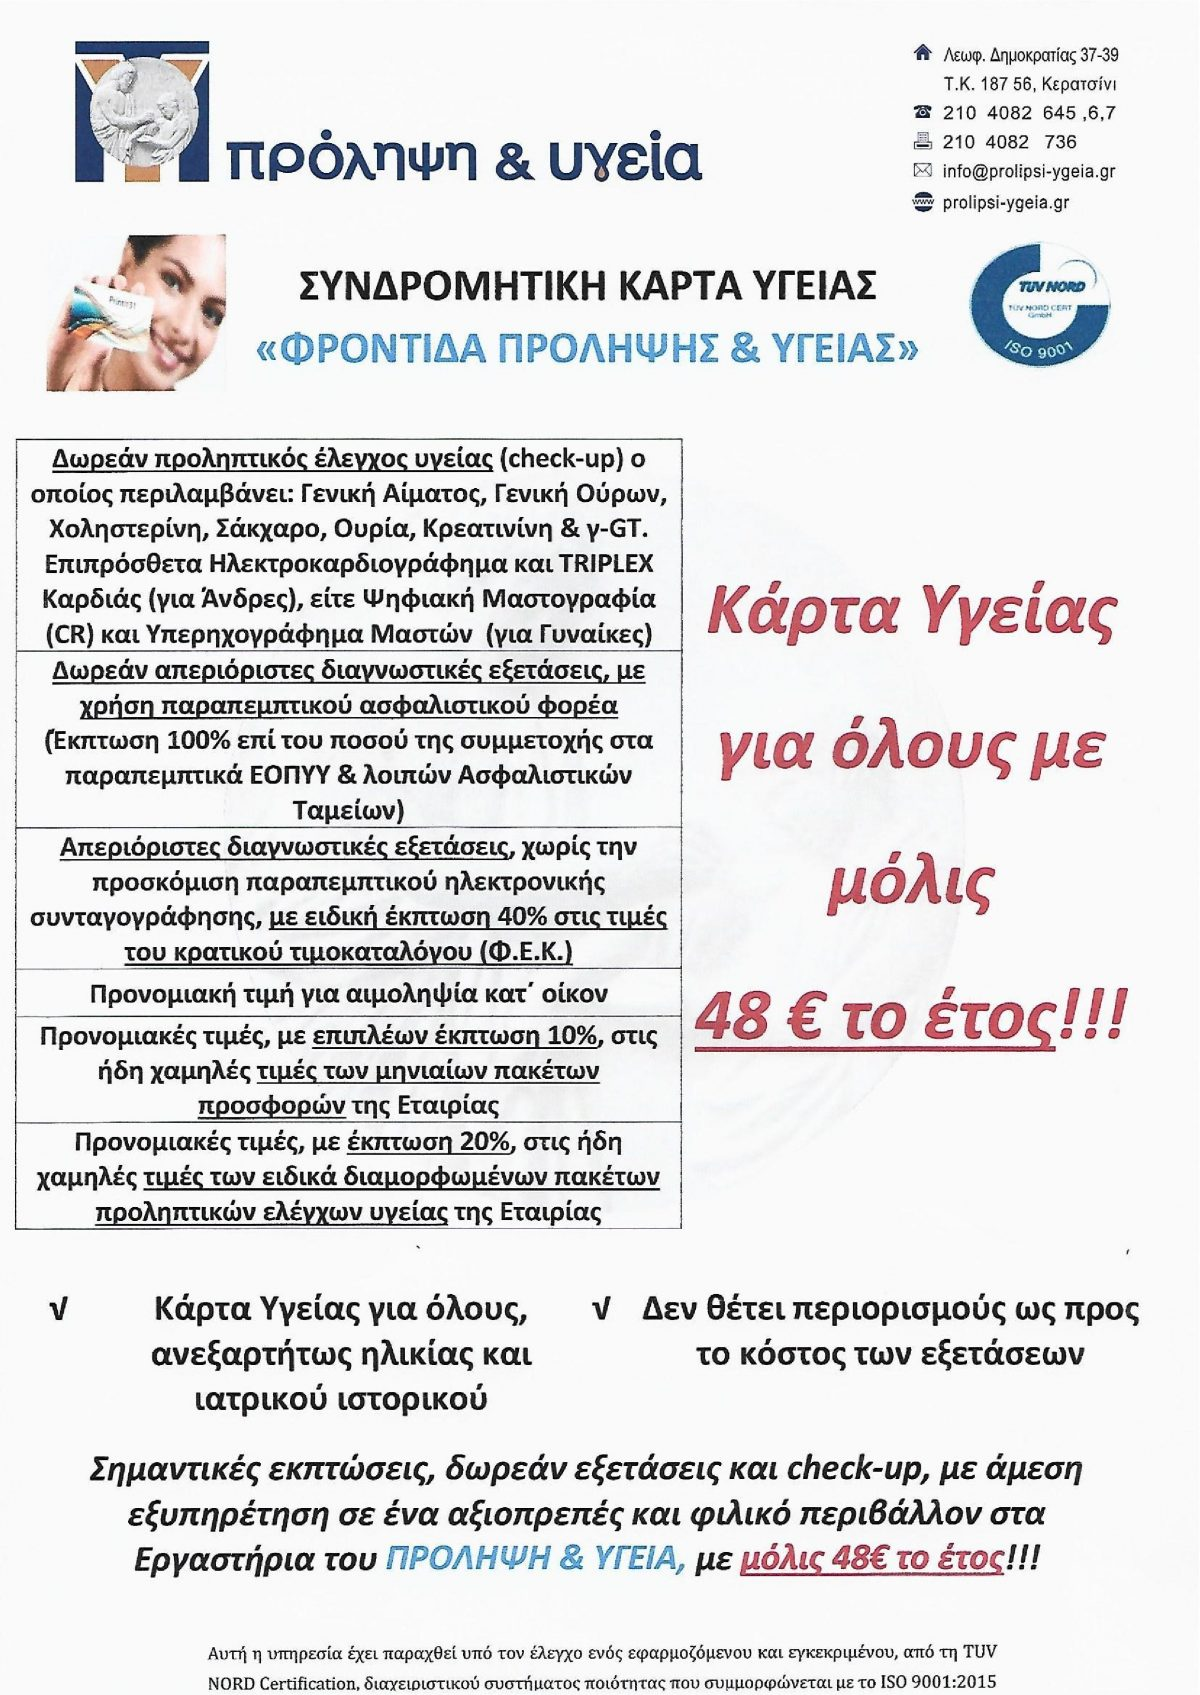 https://prolipsi-ygeia.gr/wp-content/uploads/2021/02/παρουσίαση-κάρτας-υγείας_φροντίδα-πρόληψης-και-υγείας_internet-page-001-1200x1695.jpg